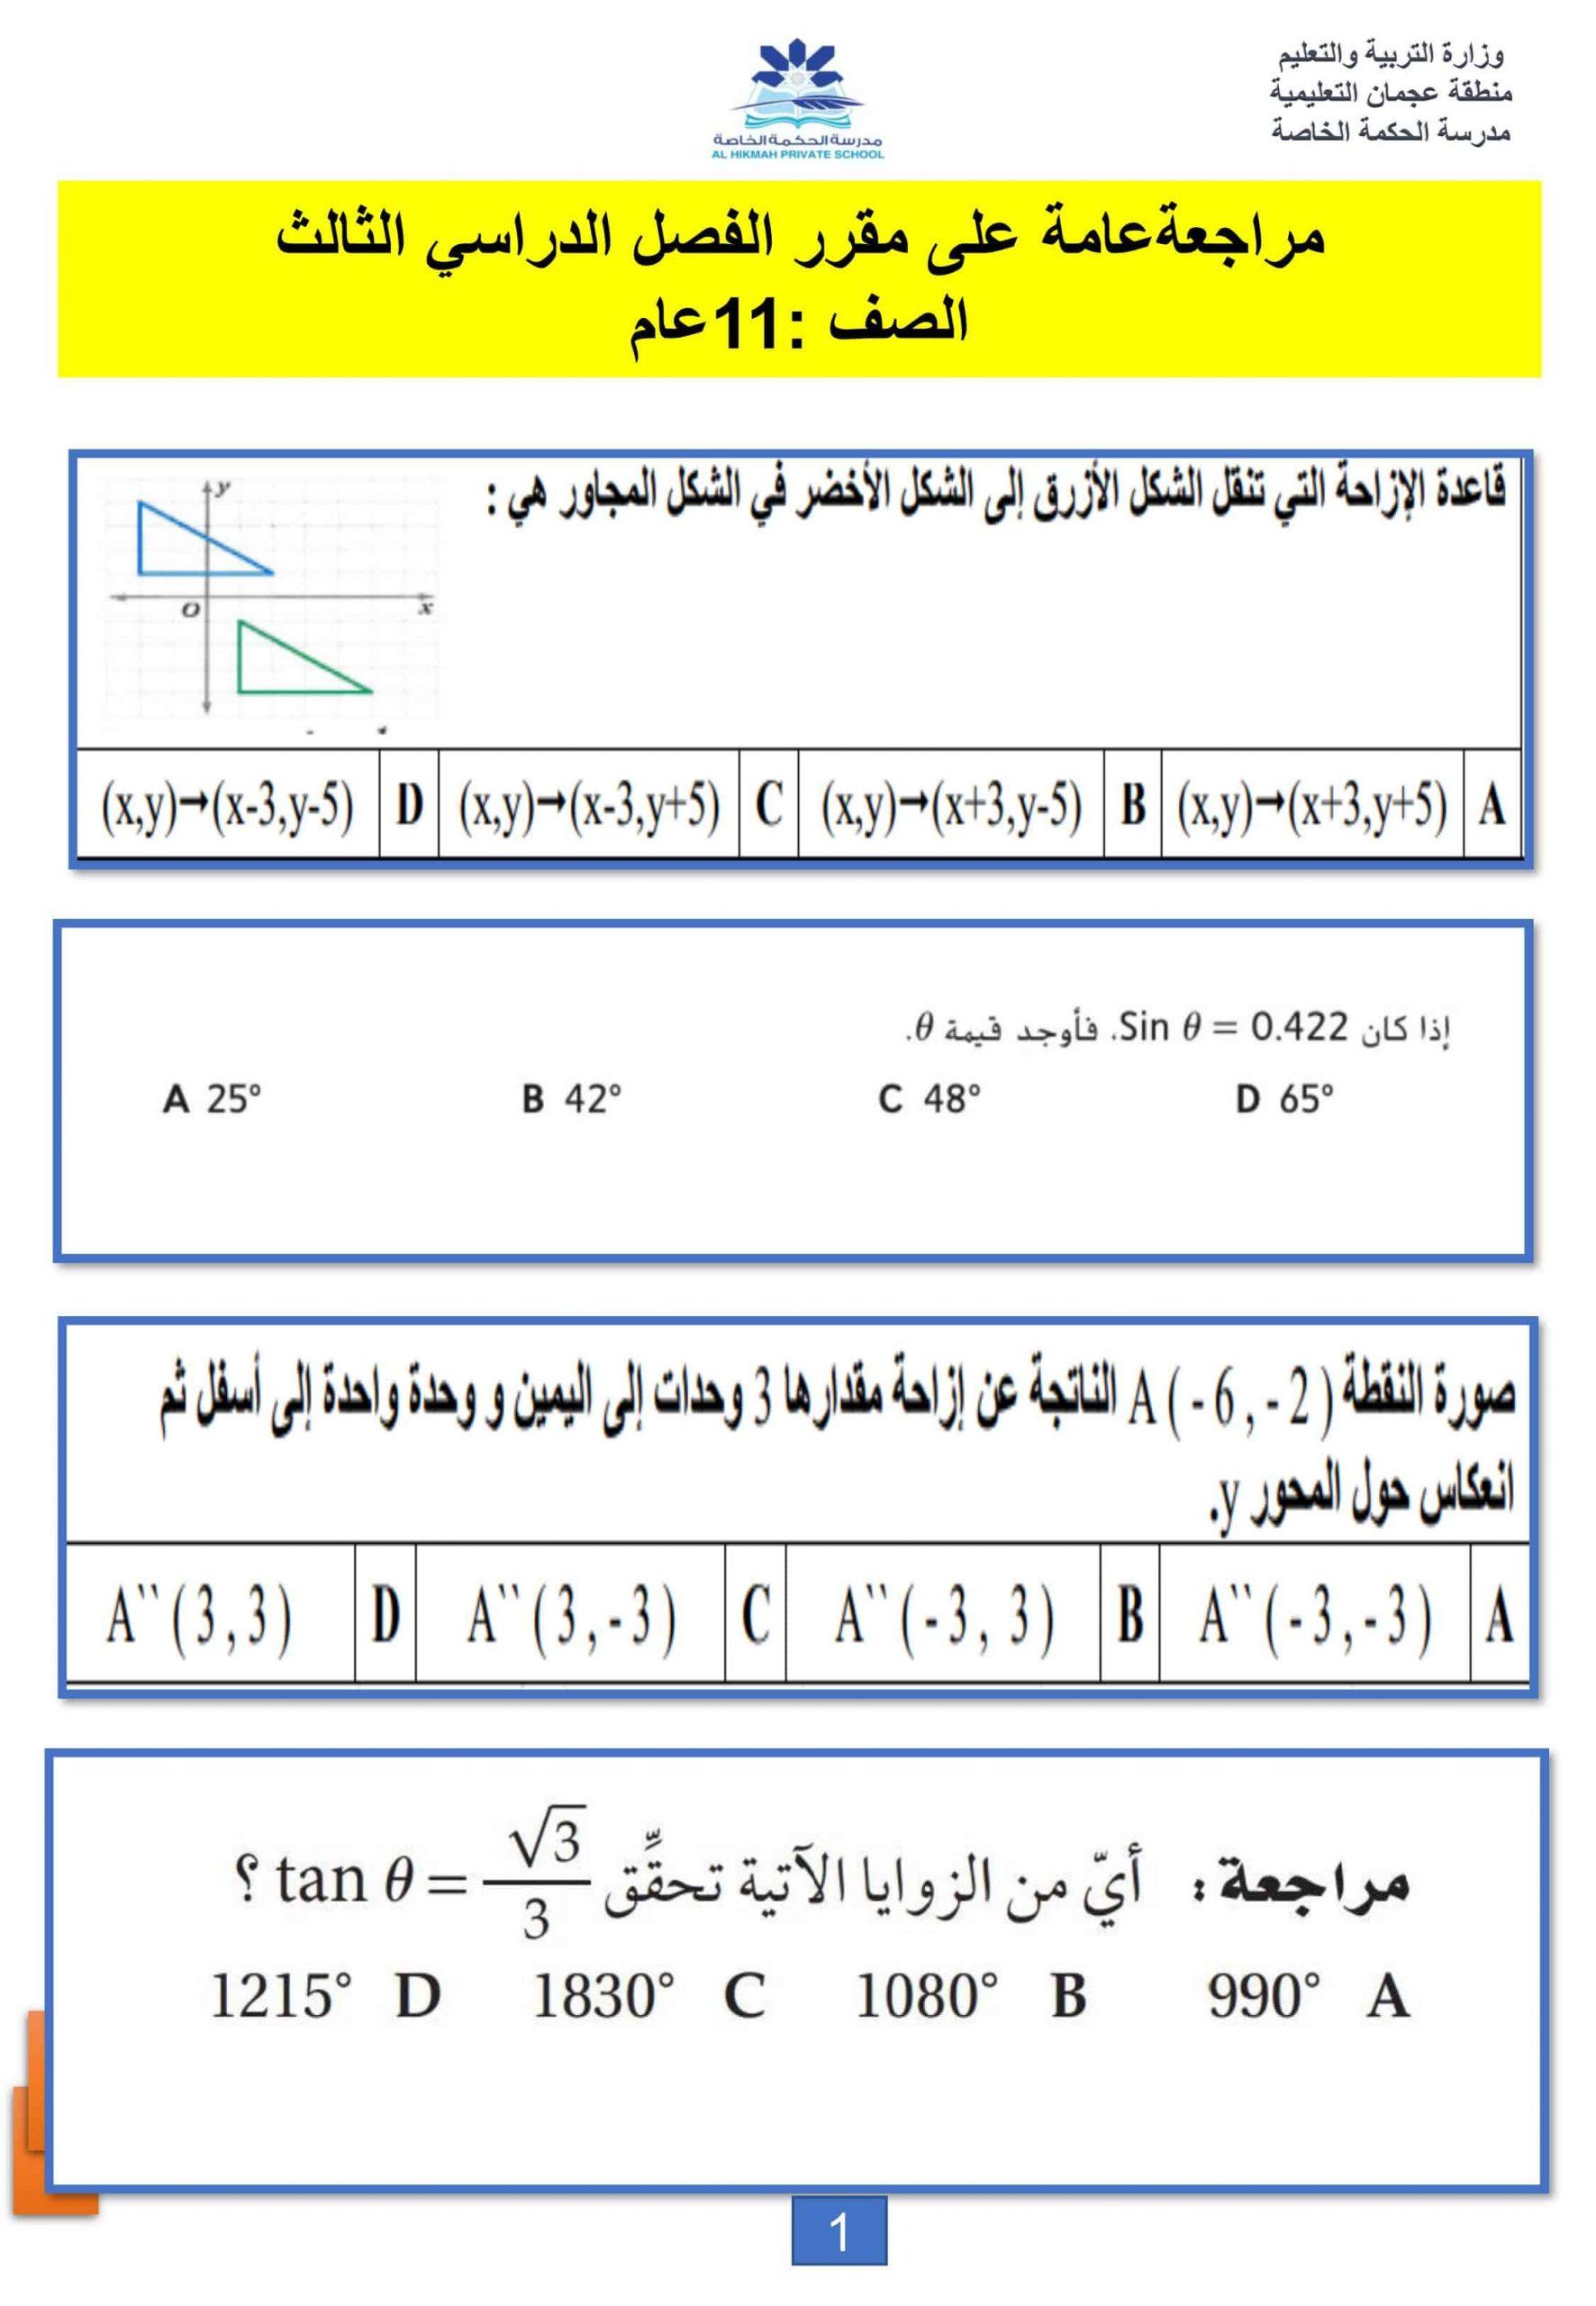 أوراق عمل مراجعة نهائية الصف الحادي عشر عام مادة الرياضيات المتكاملة